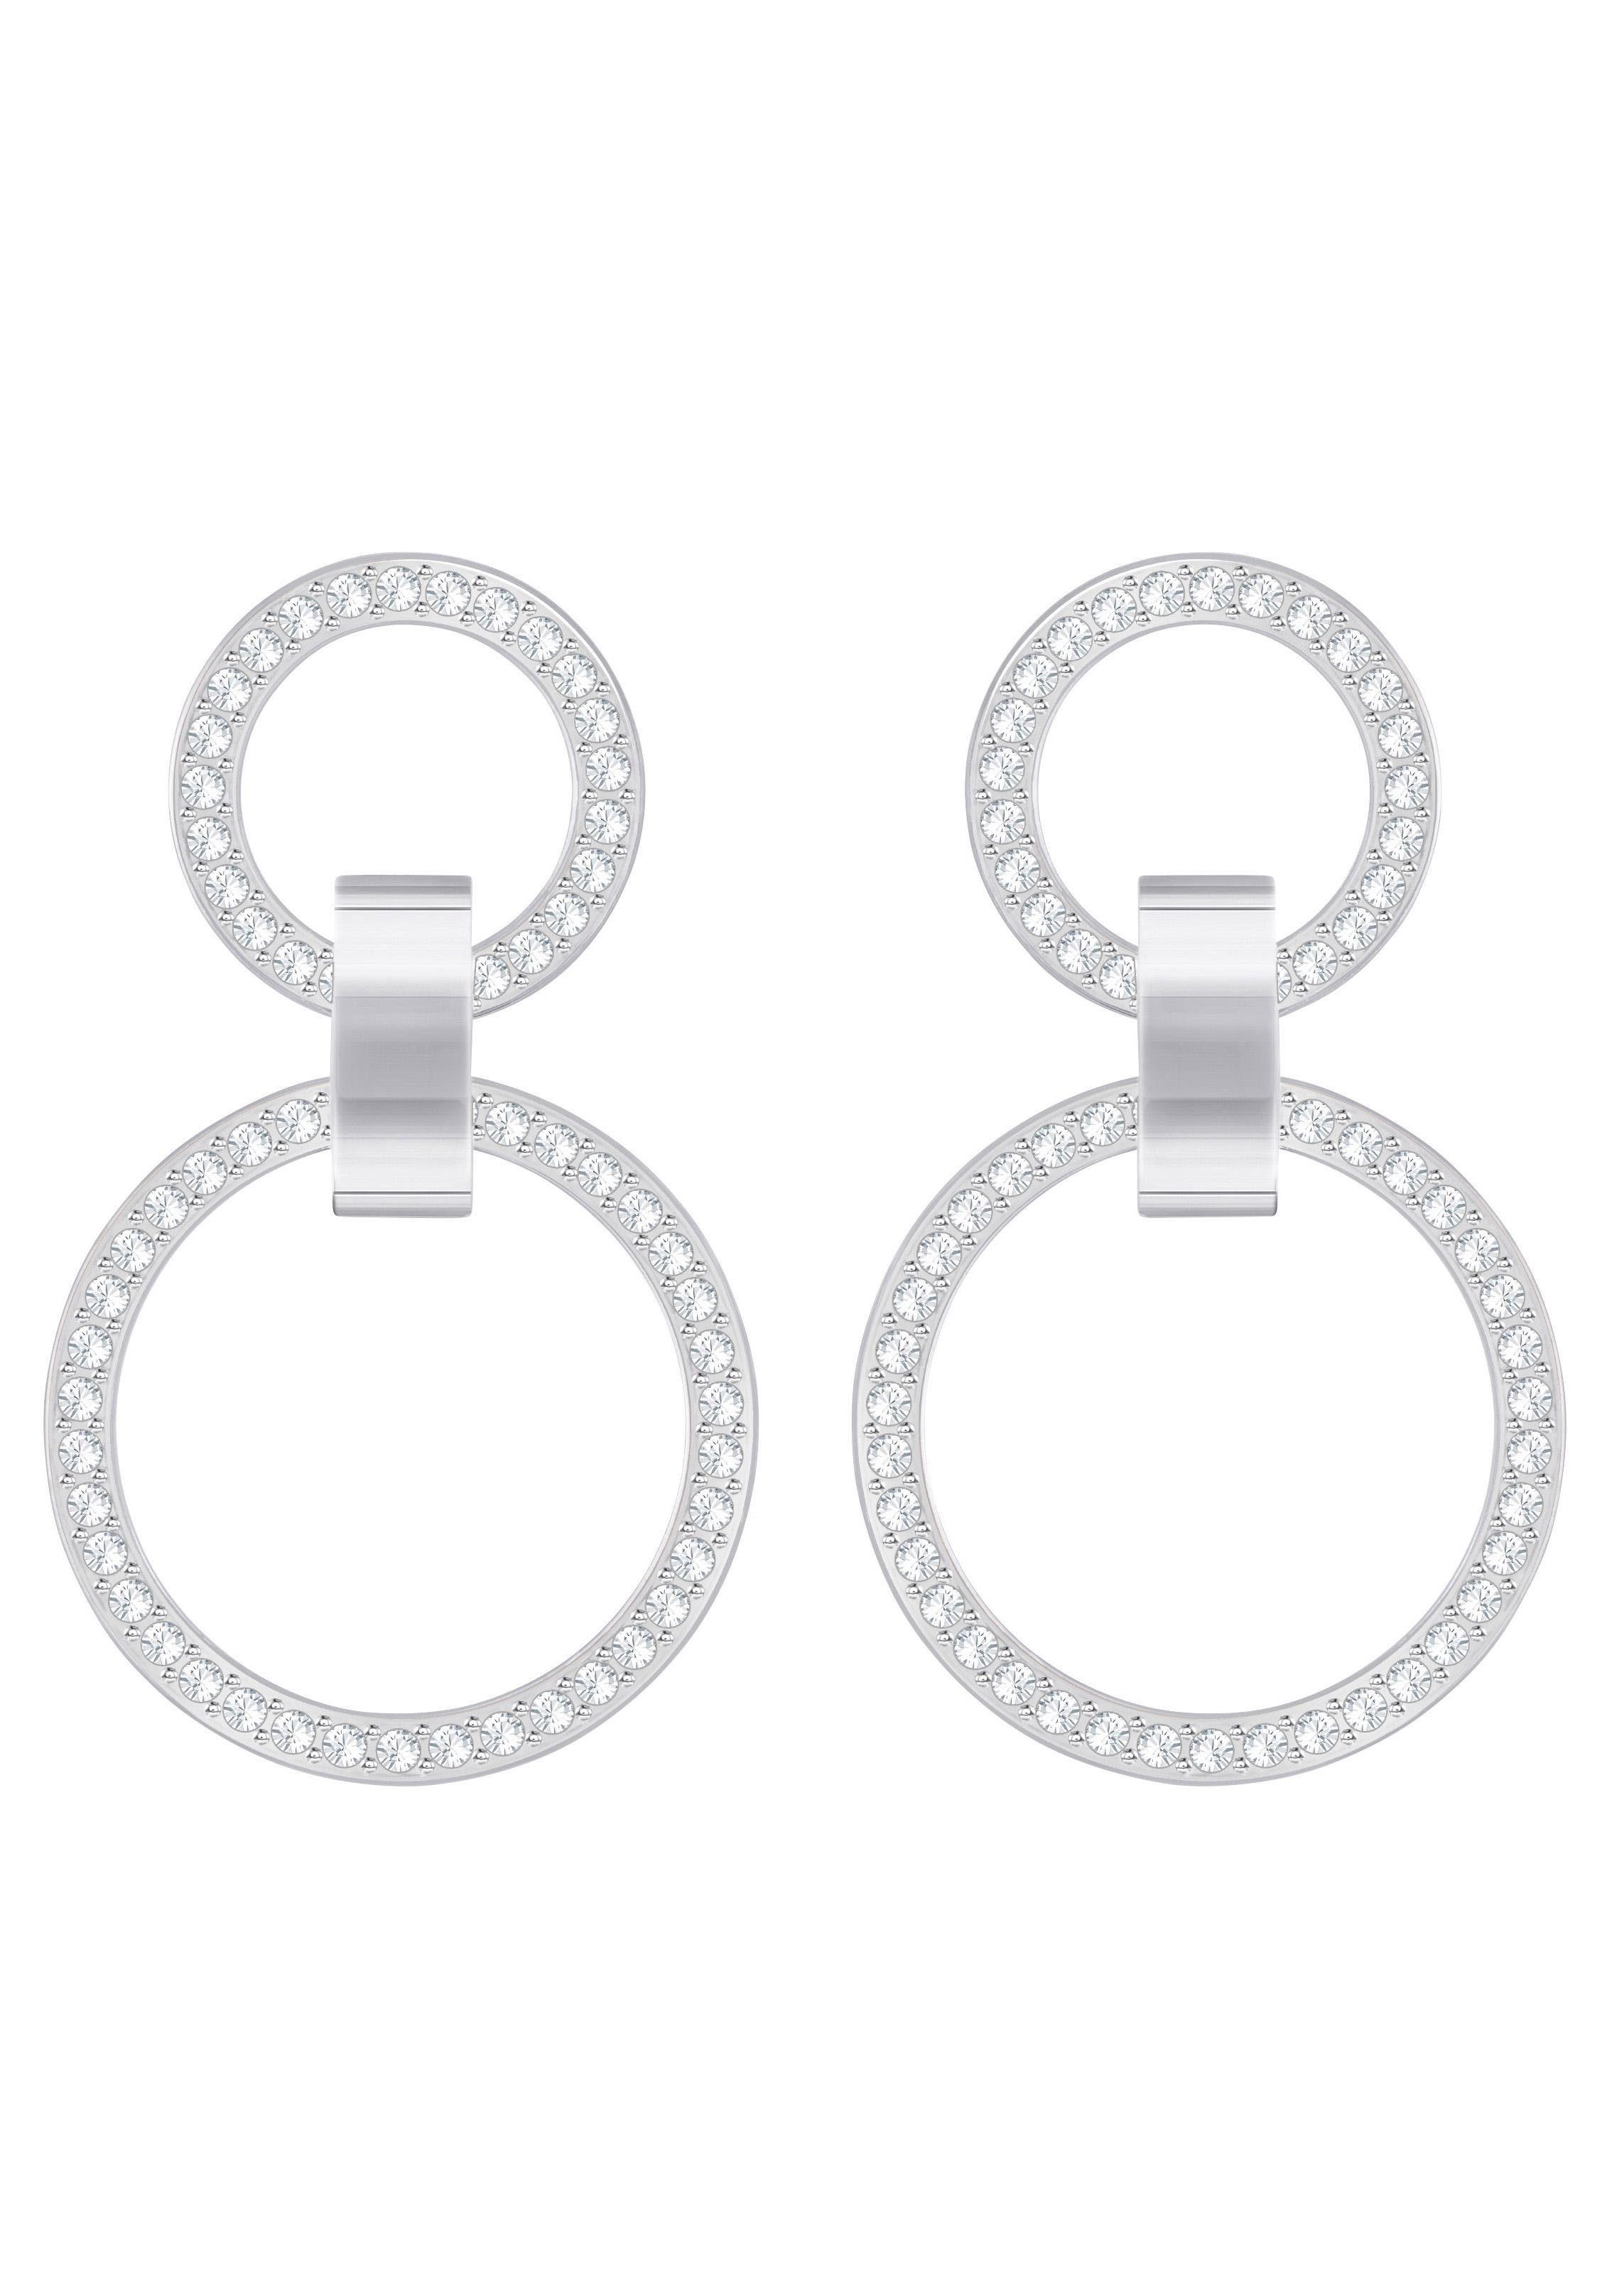 Swarovski Paar Ohrstecker »Hollow, weiss, rhodiniert, 5349353«, mit Swarovski® Kristallen